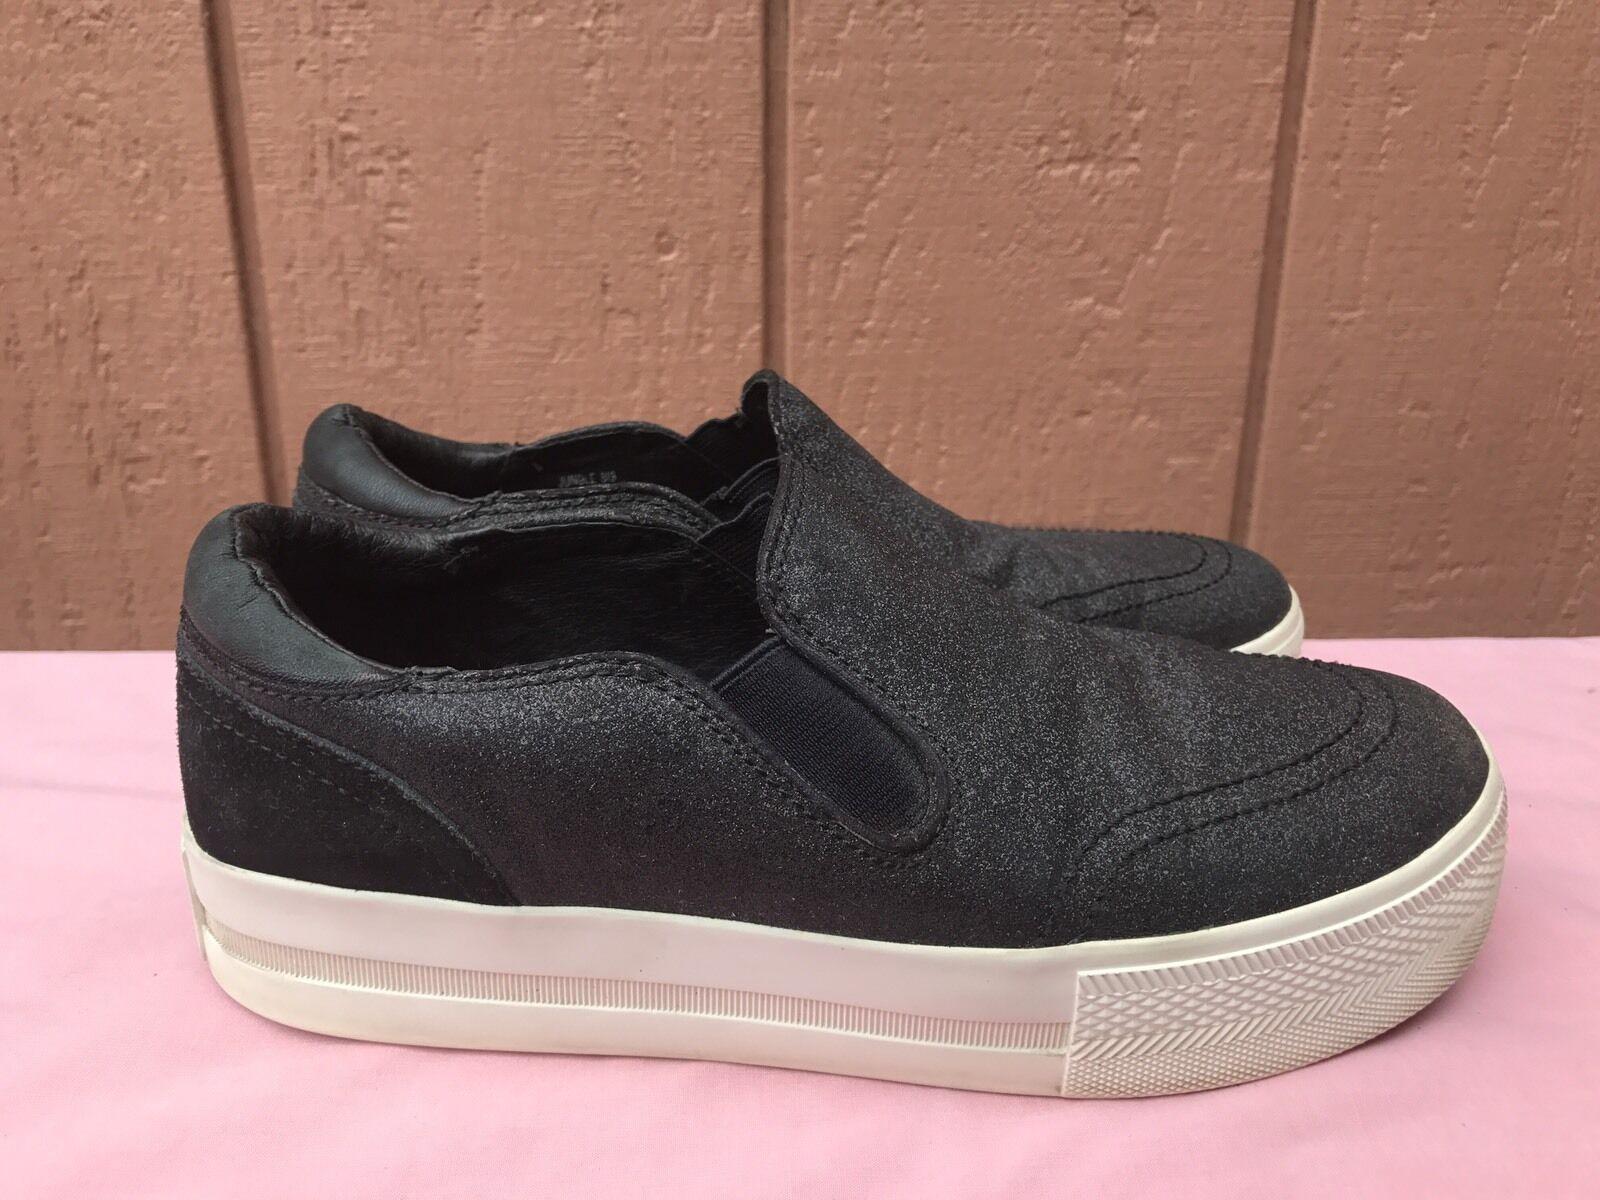 EUC Ash Black Jungle Slip On Platform Sneakers US 7.5